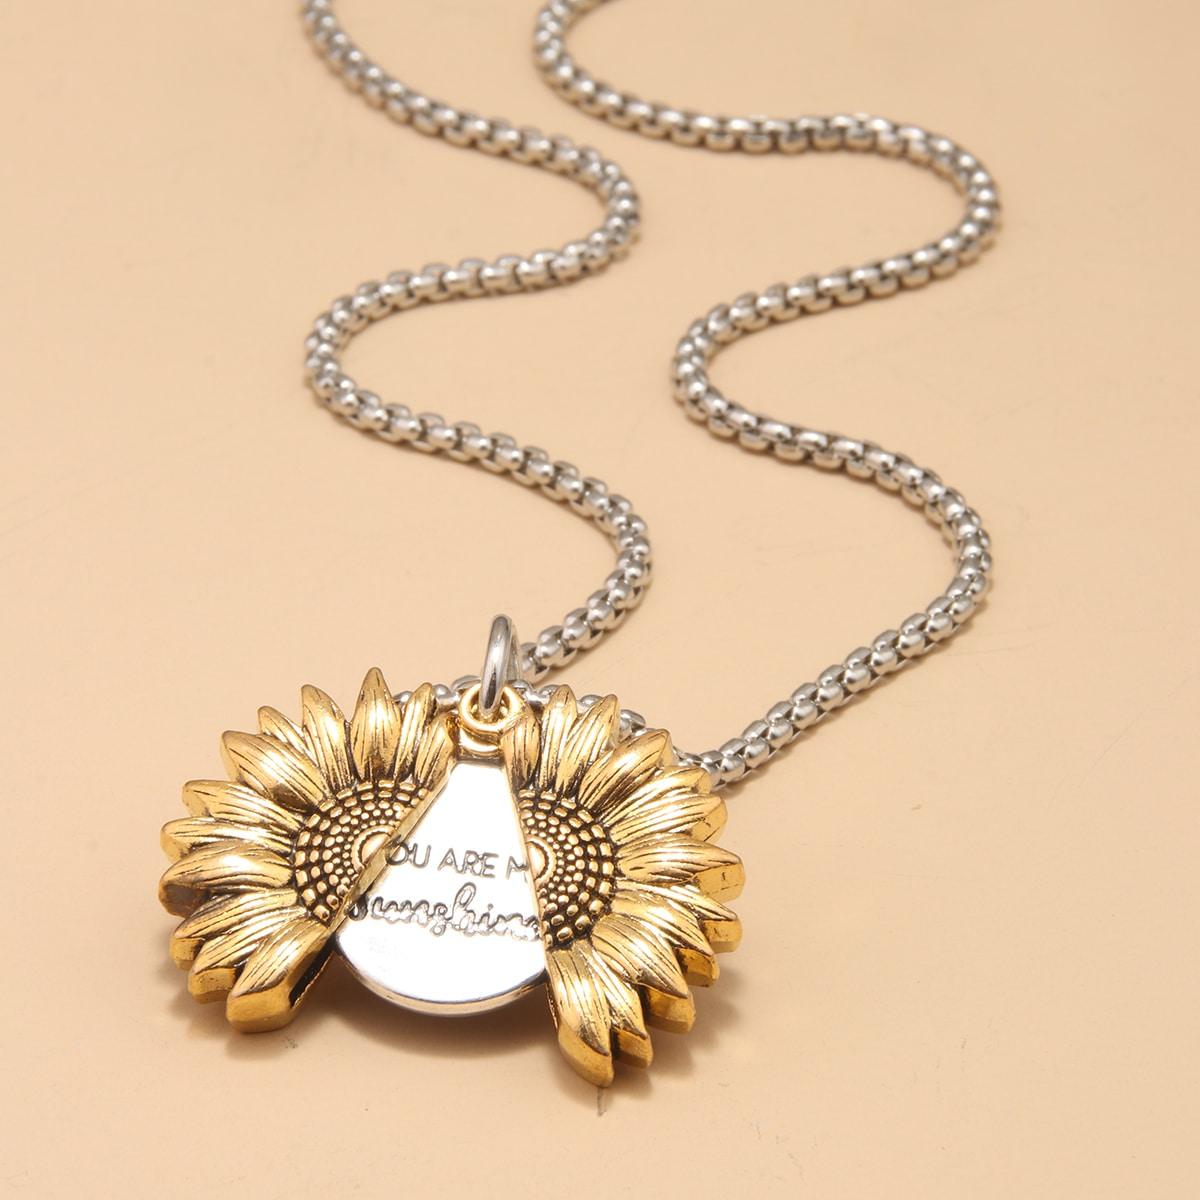 Мужское ожерелье с подсолнухом от SHEIN